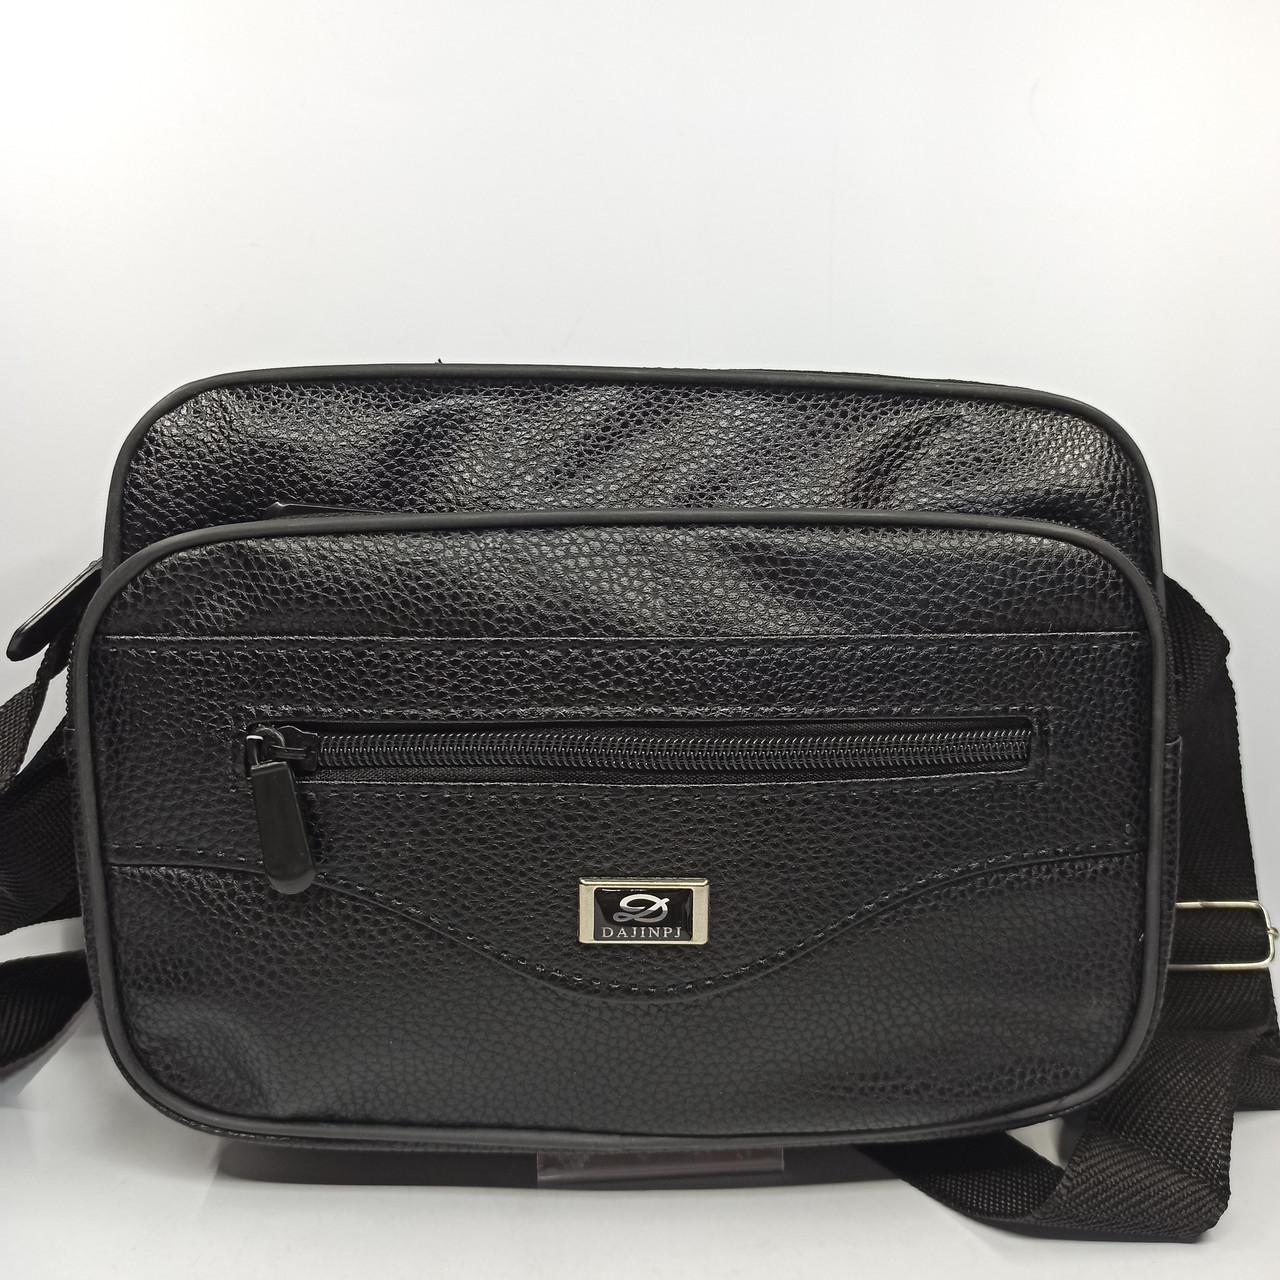 Шкіряна чоловіча сумка через плече / Мужская кожаная сумка через плечо 072-1